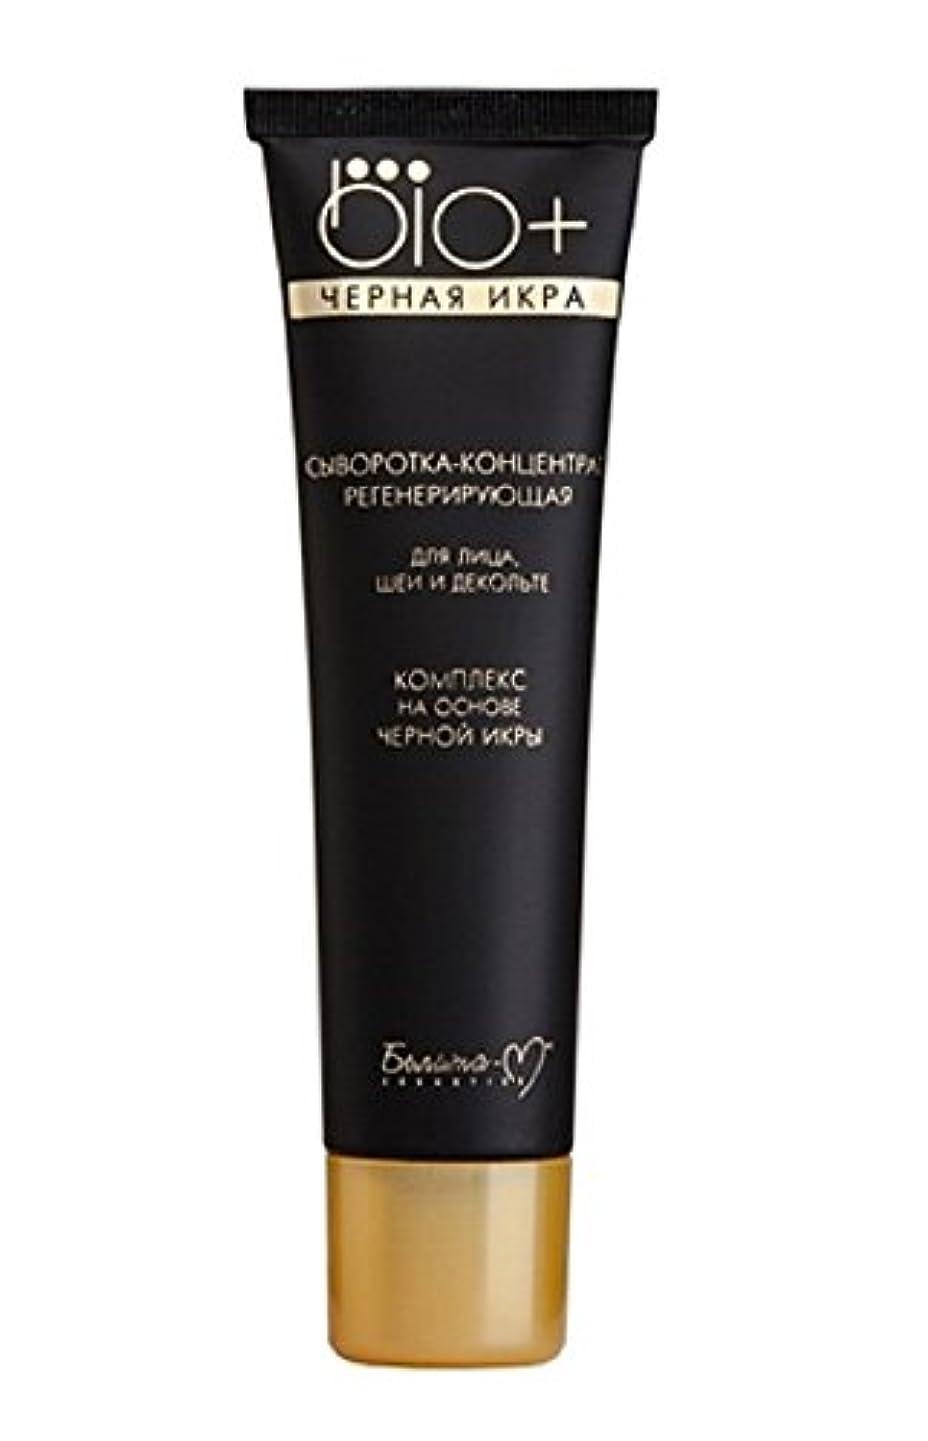 騒乱専門綺麗なRevitalizing SERUM FOR FACE, NECK AND DECOLT based on black caviar | Marine collagen and elastin, Amber extract...